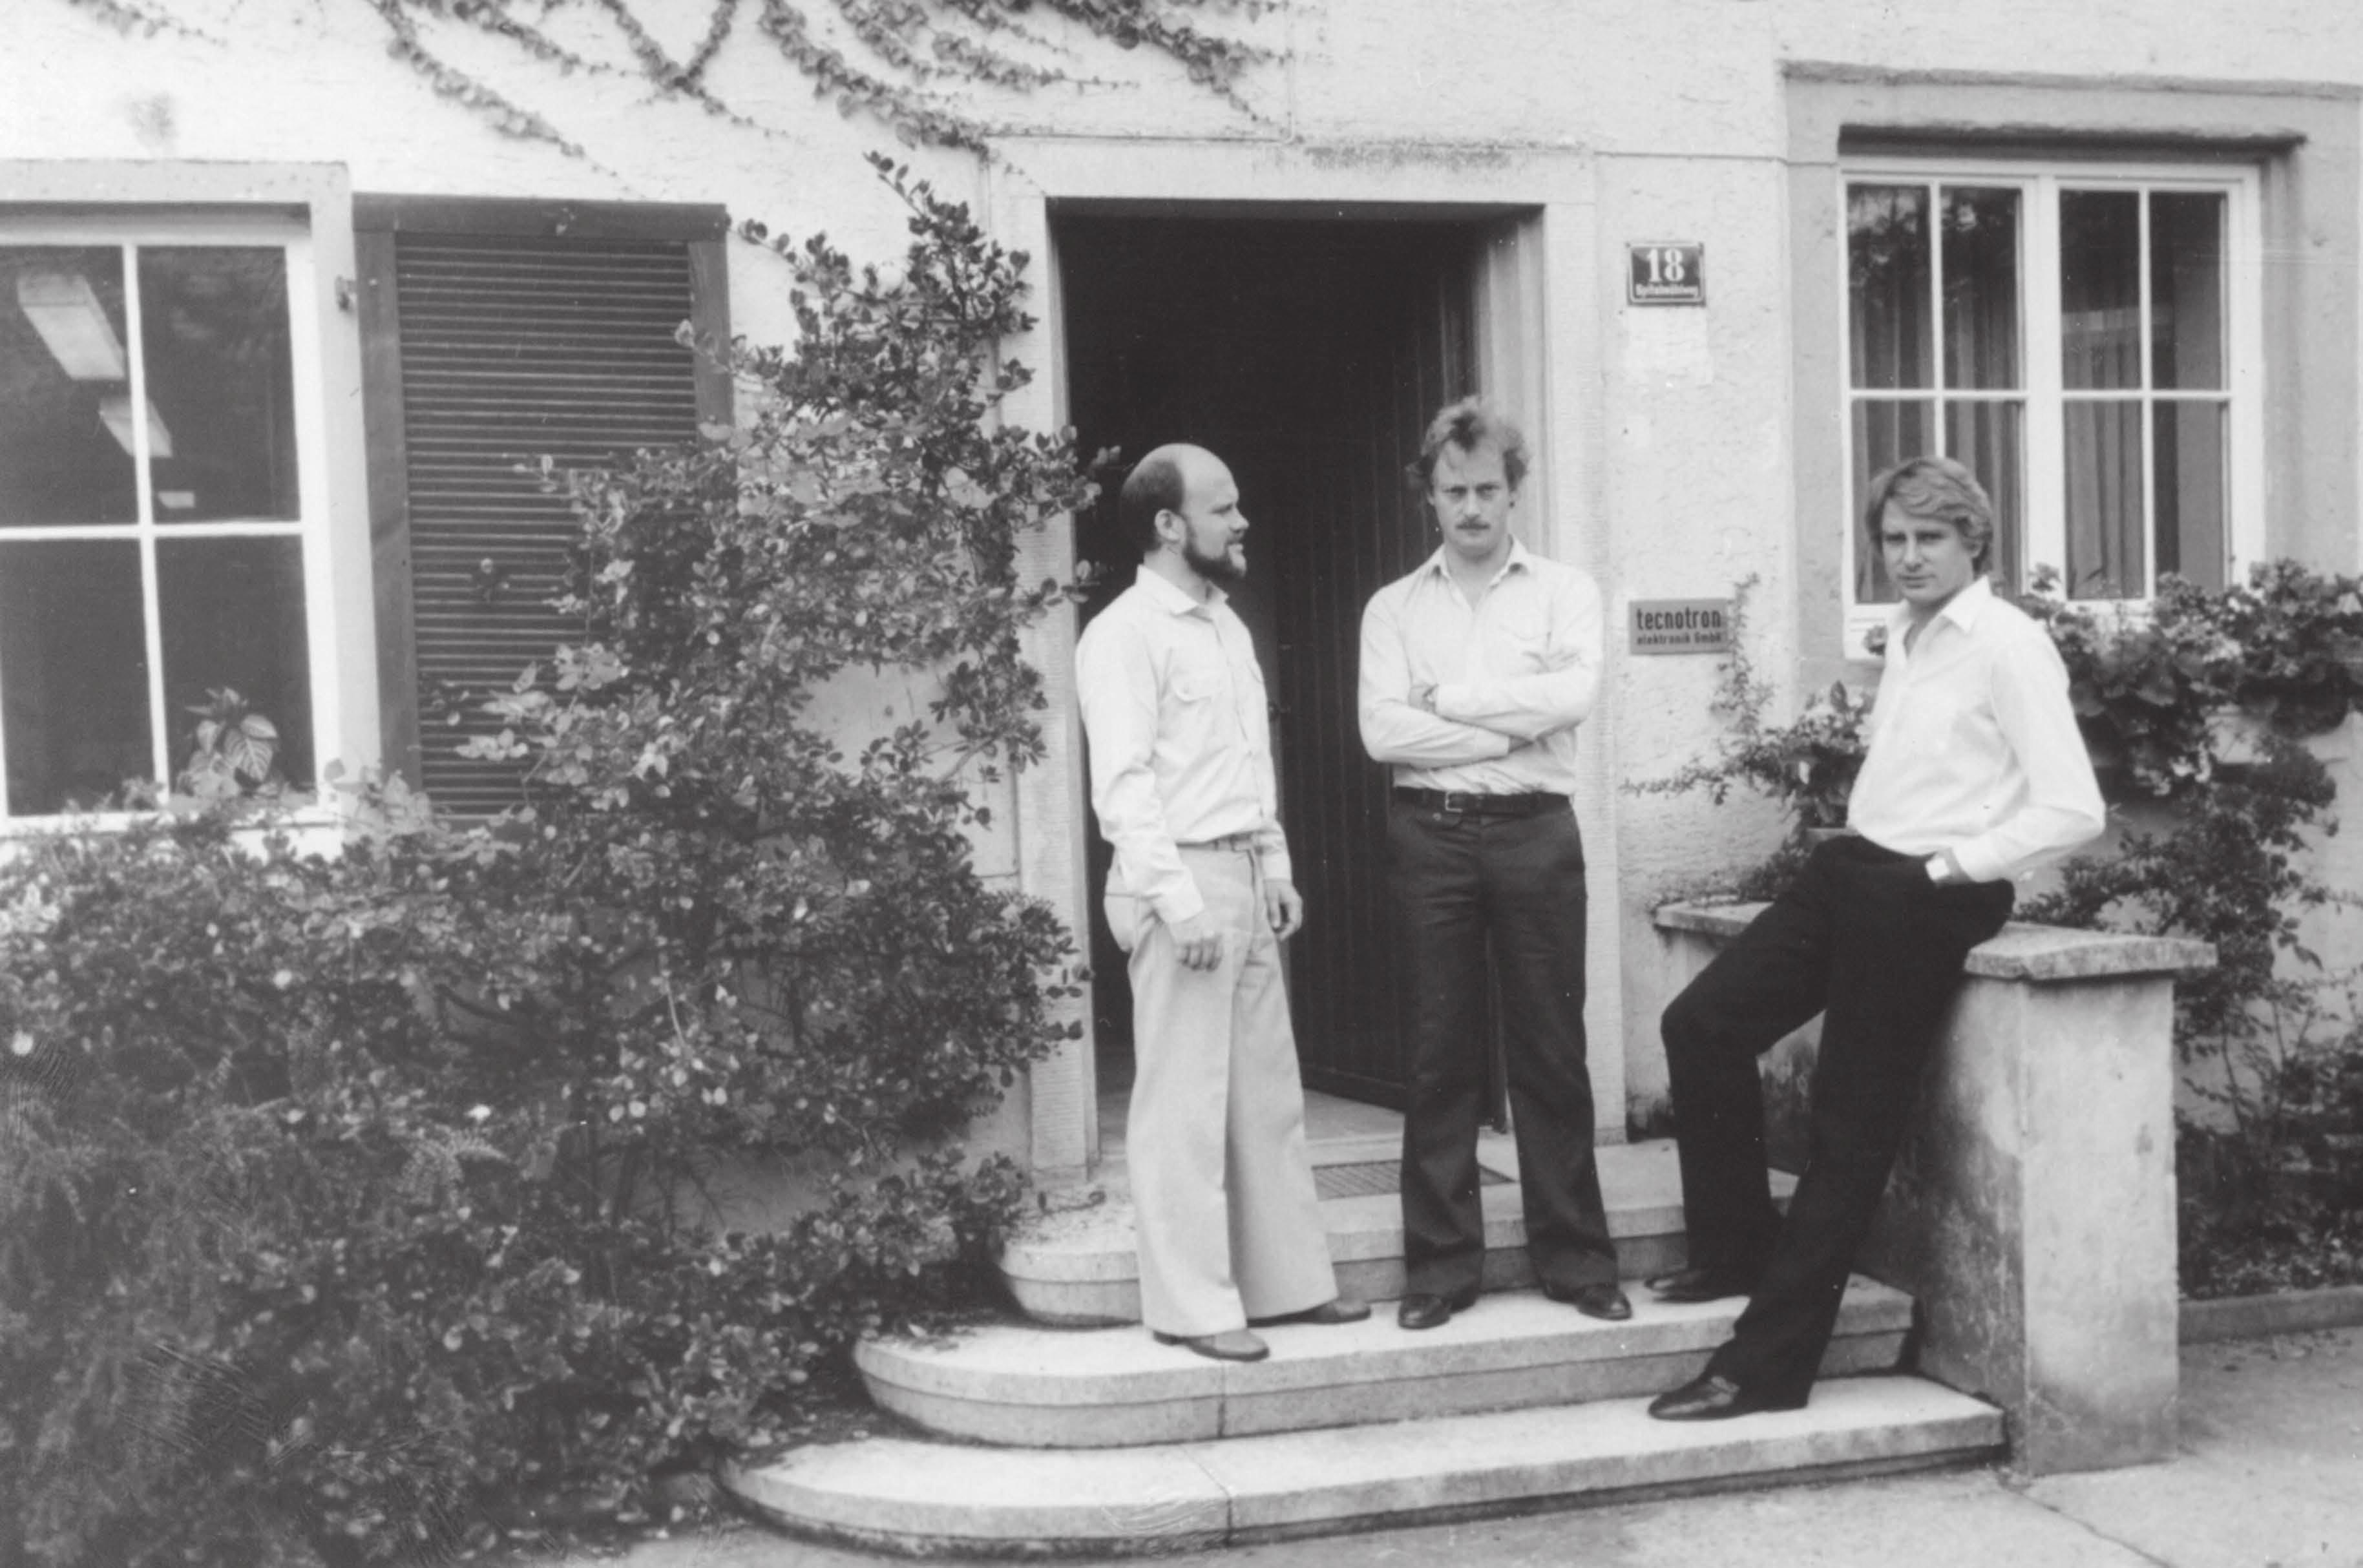 (v. l.) Hubert Weyerich, Erich Schemm und Karl-Heinz Strohmaier haben 1978 die Firma tecnotron gegründet und aufgebaut FOTO: TECNOTRON